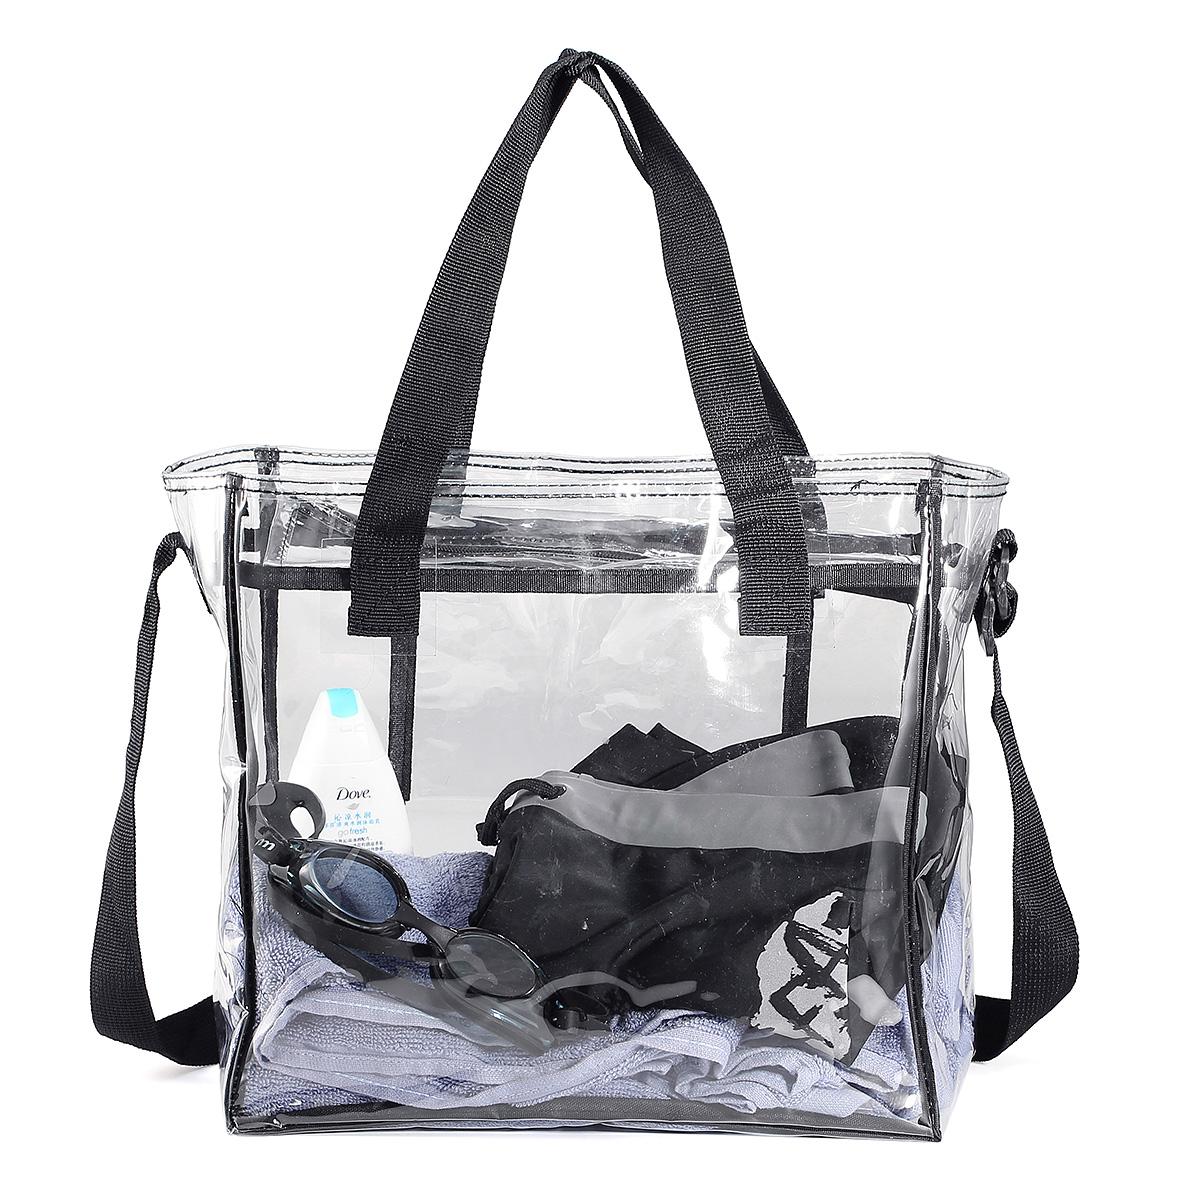 KCASA KC-0628 Clear PVC Travel Storage Bag Waterproof Z